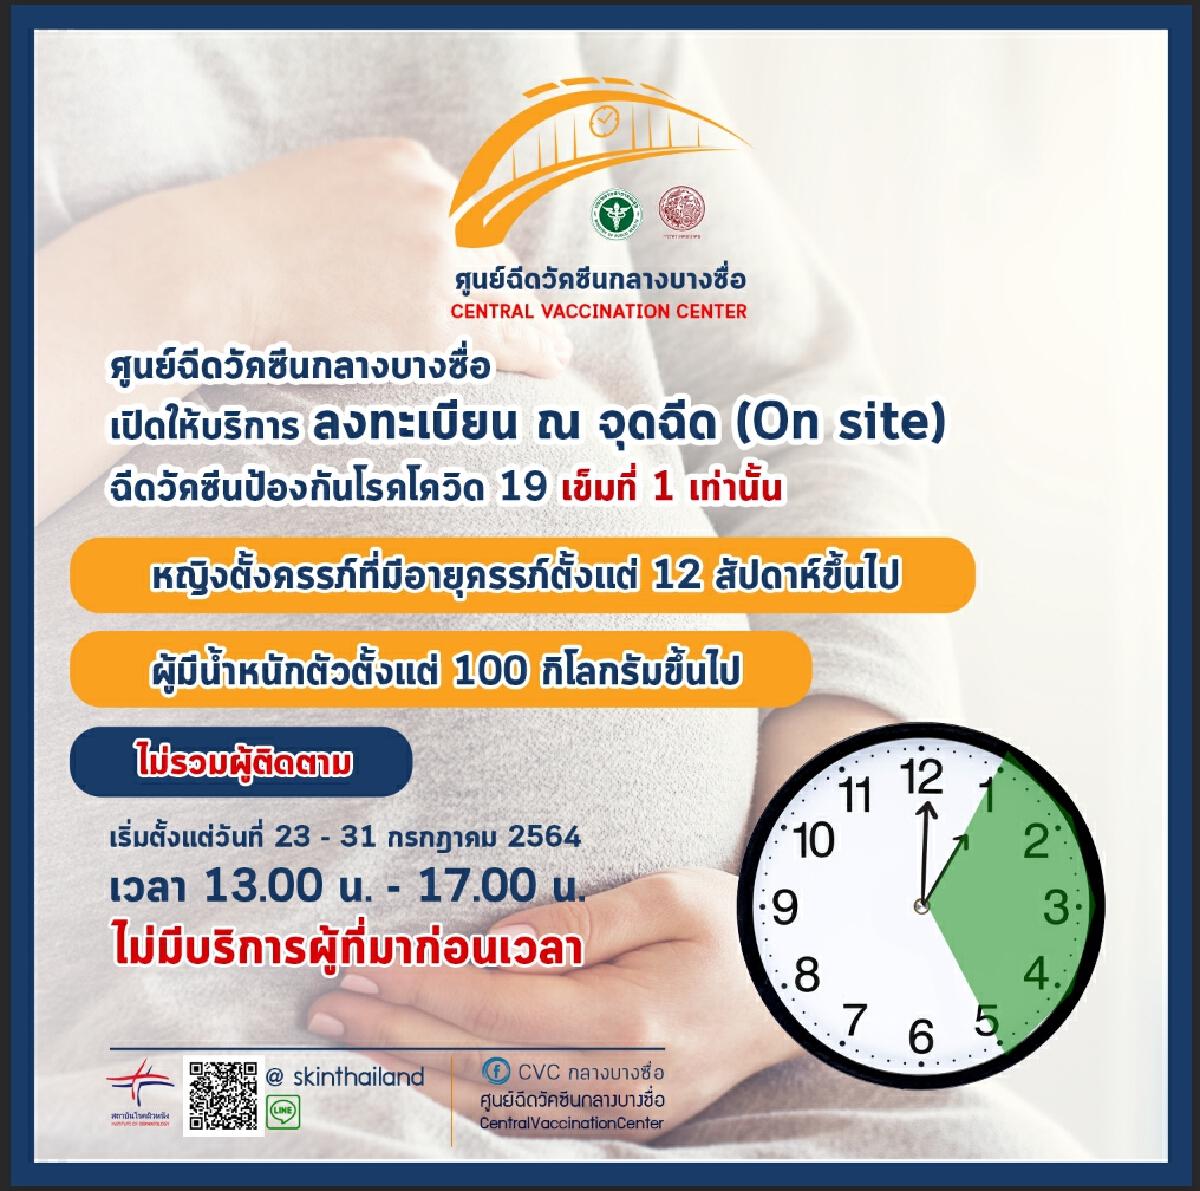 ด่วน ปรับเวลาบริการฉีดวัคซีนโควิด ผู้หญิงตั้งครรภ์และผู้มีน้ำหนัก 100 กก.